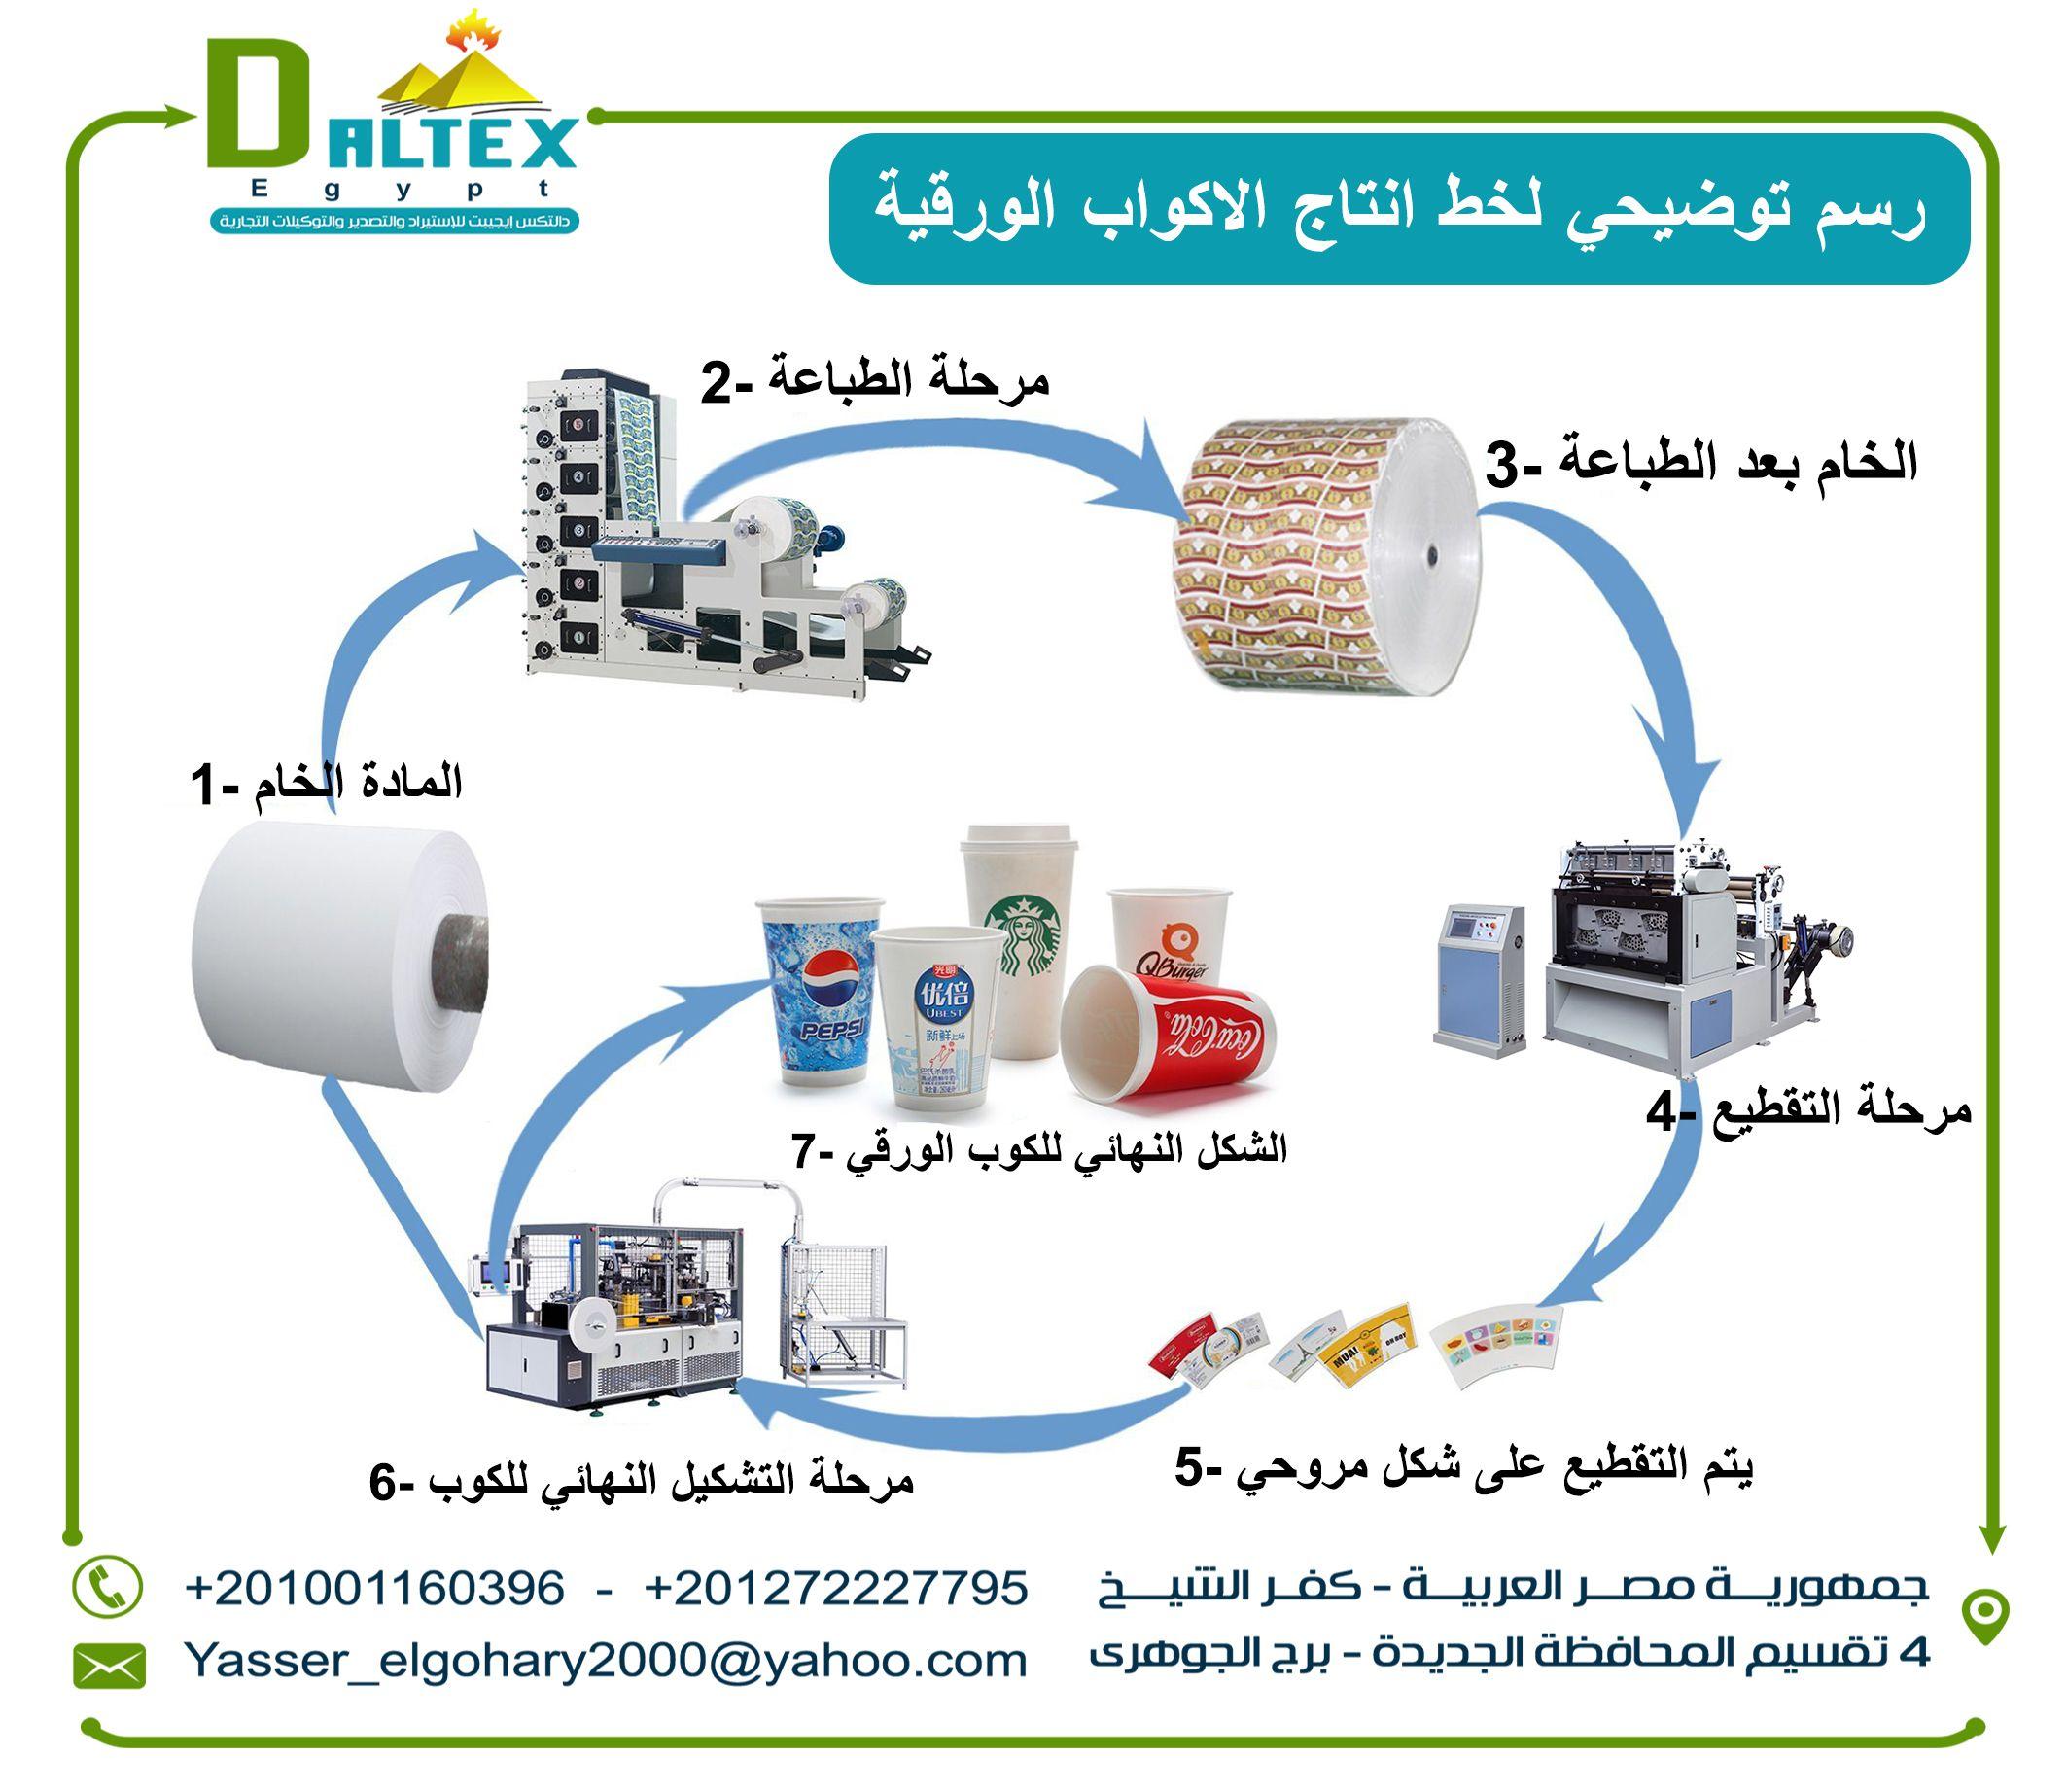 مراحل تصنيع الاكواب الورقية Egypt